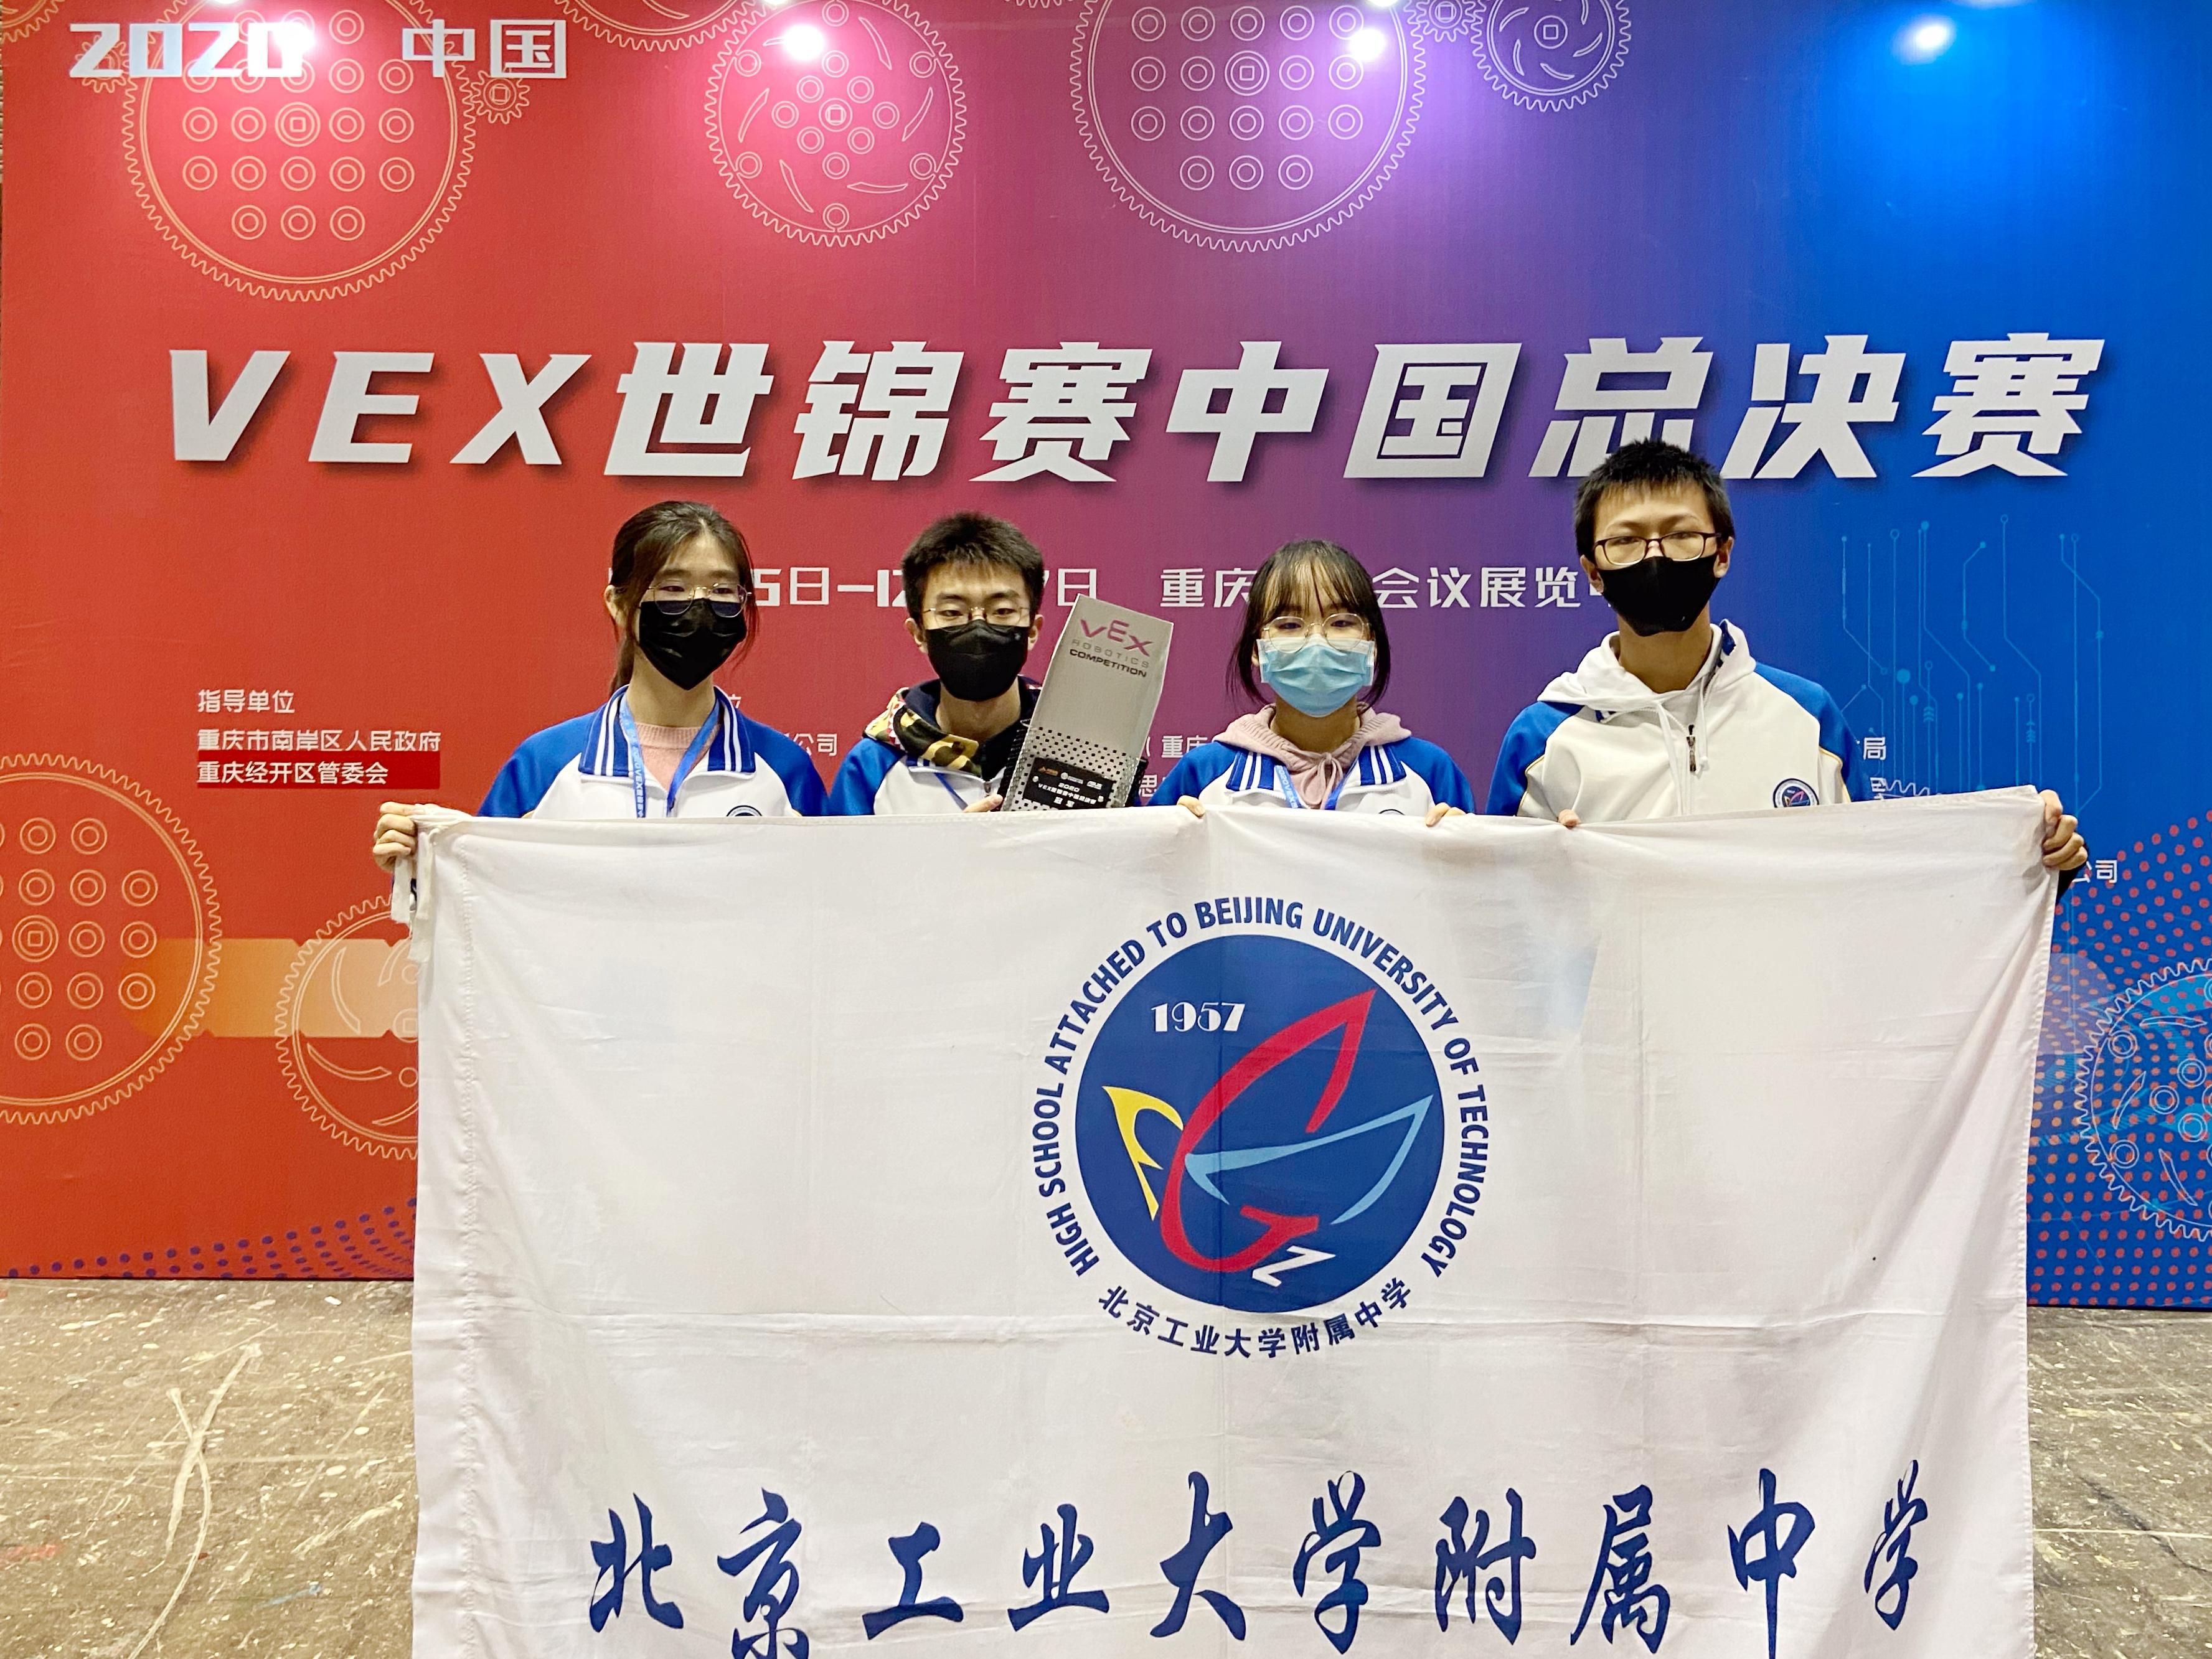 喜报 | 我校VEX机器人社团三获世锦赛中国区总决赛冠军